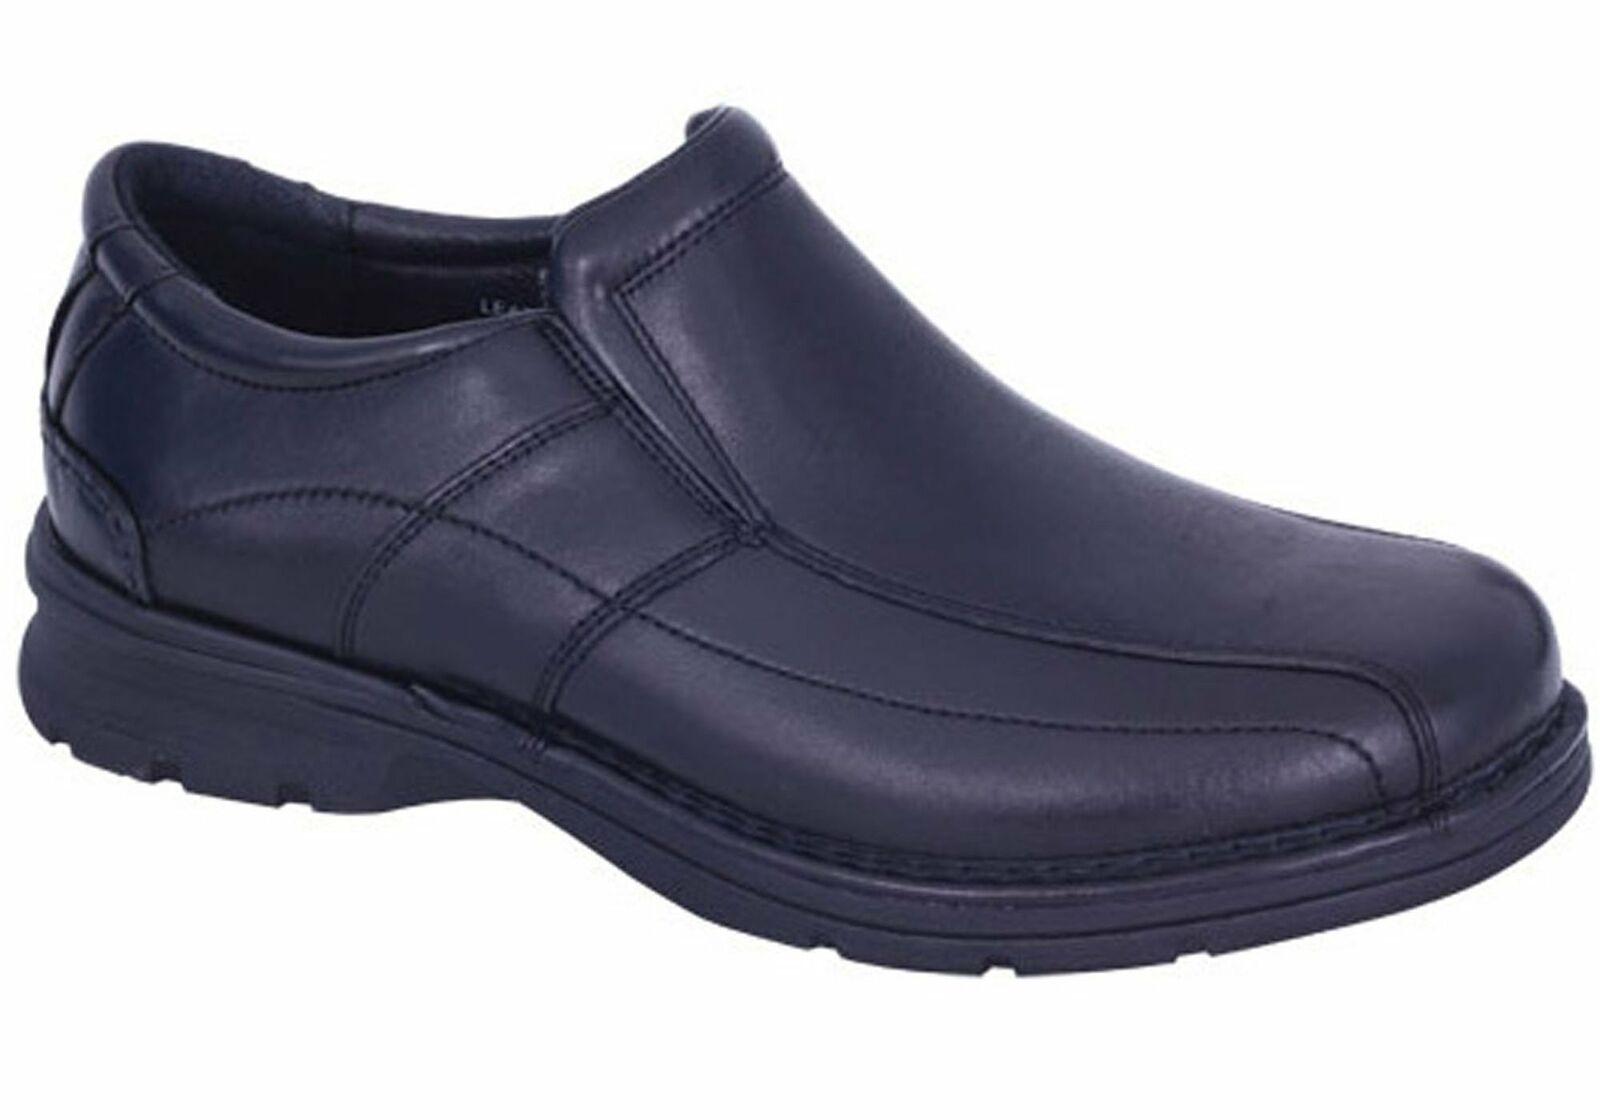 Nuevos slaters, cuero masculino, súper anchura, zapatos cómodos.